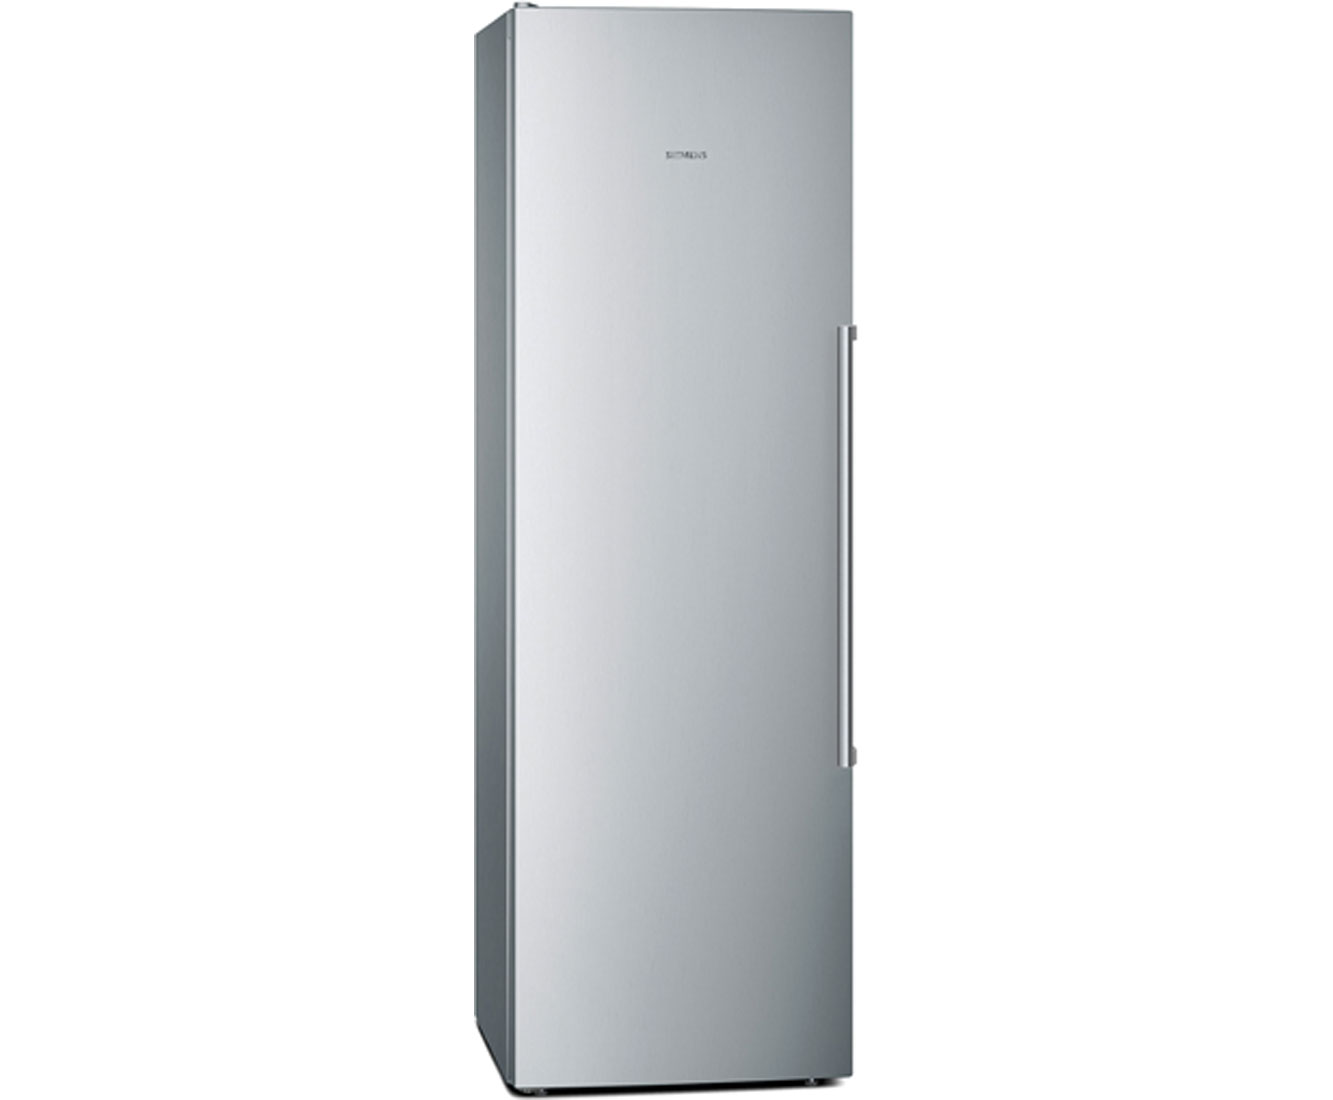 Siemens Kühlschrank Optimale Temperatur : Siemens kühlschrank temperatur super: siemens ki lsd computer bild